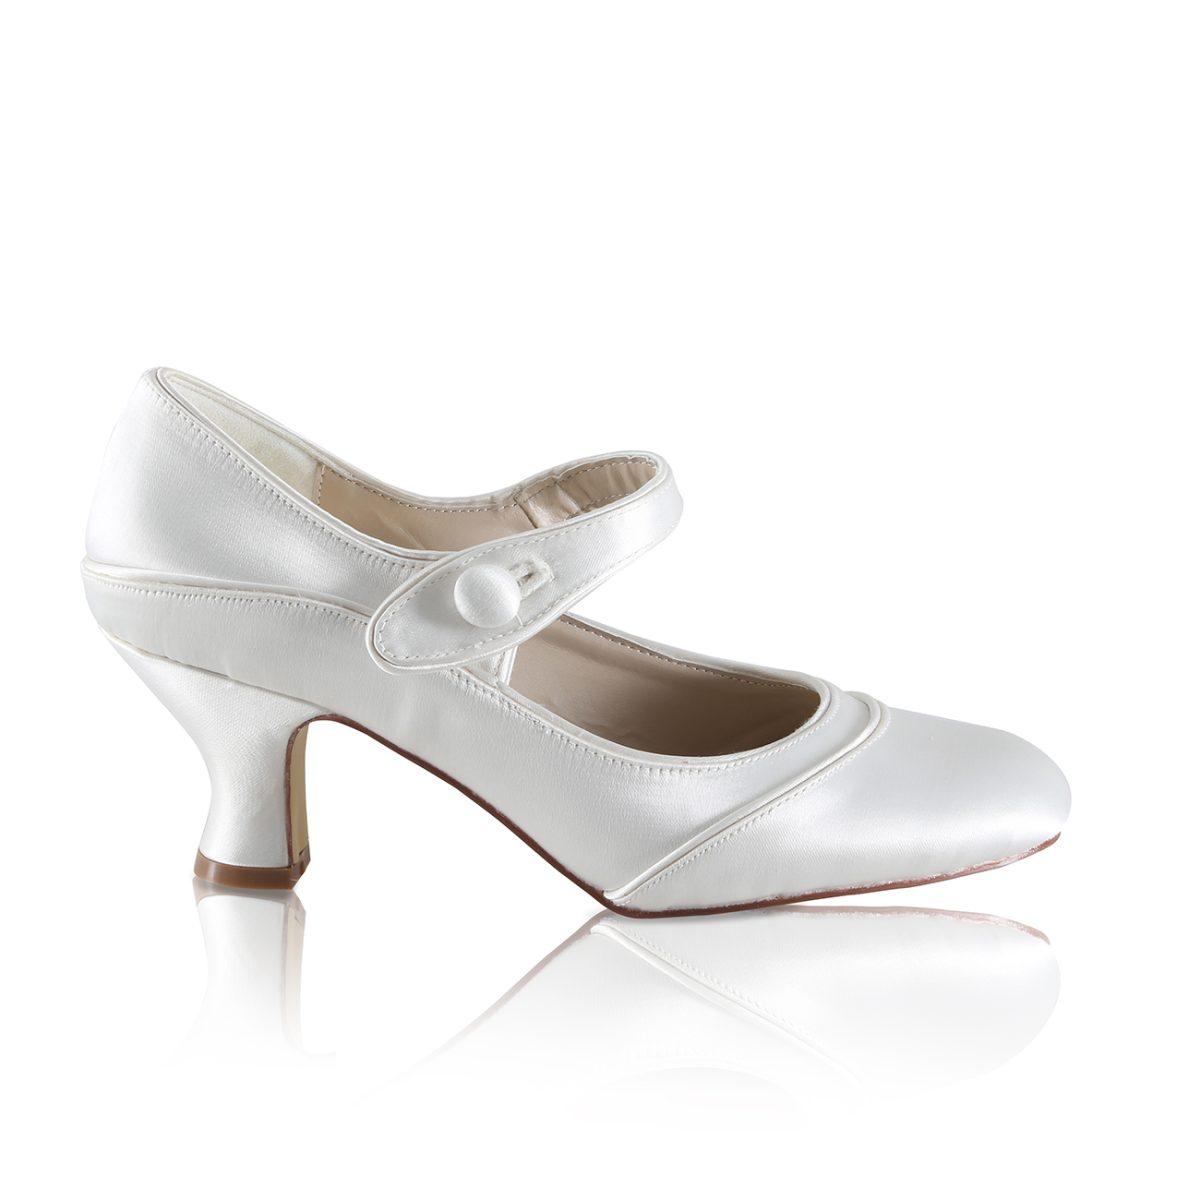 Perfect Bridal Esta Shoes - Satin